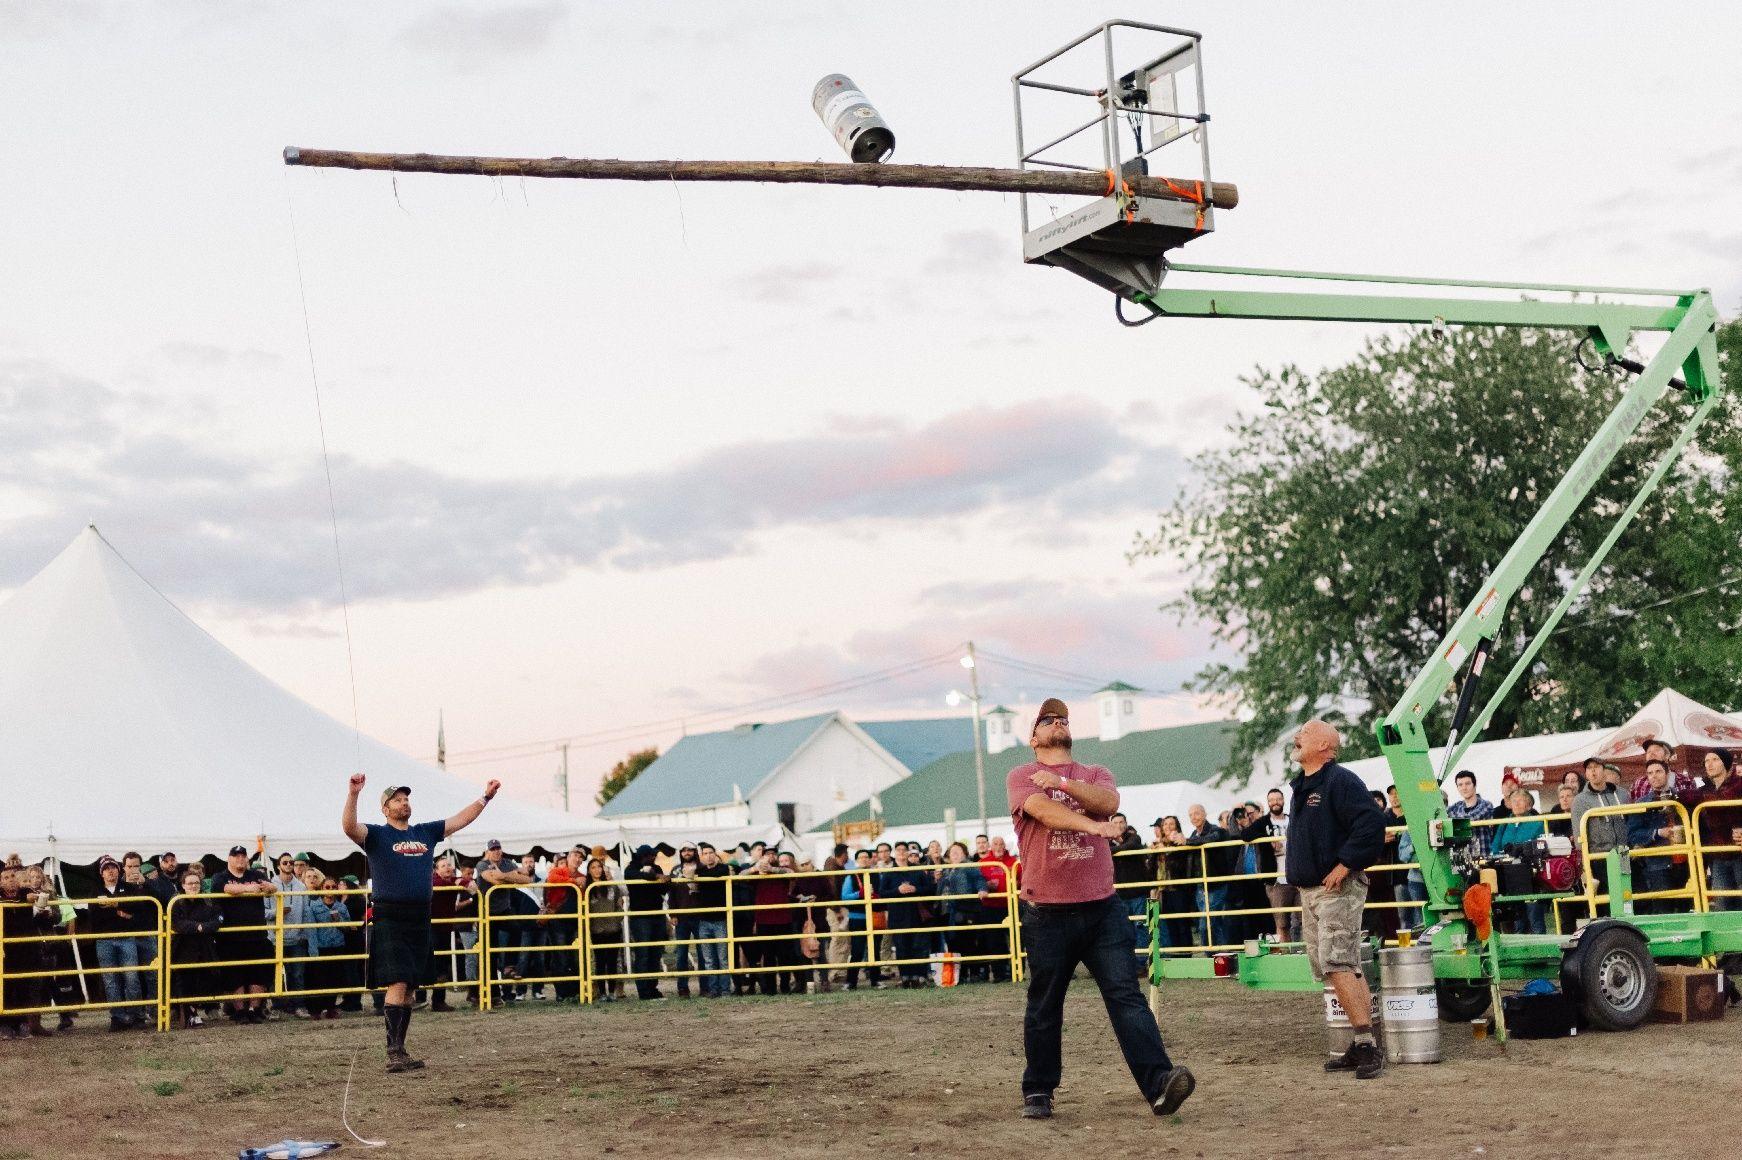 Keg toss at Beau's Oktoberfest